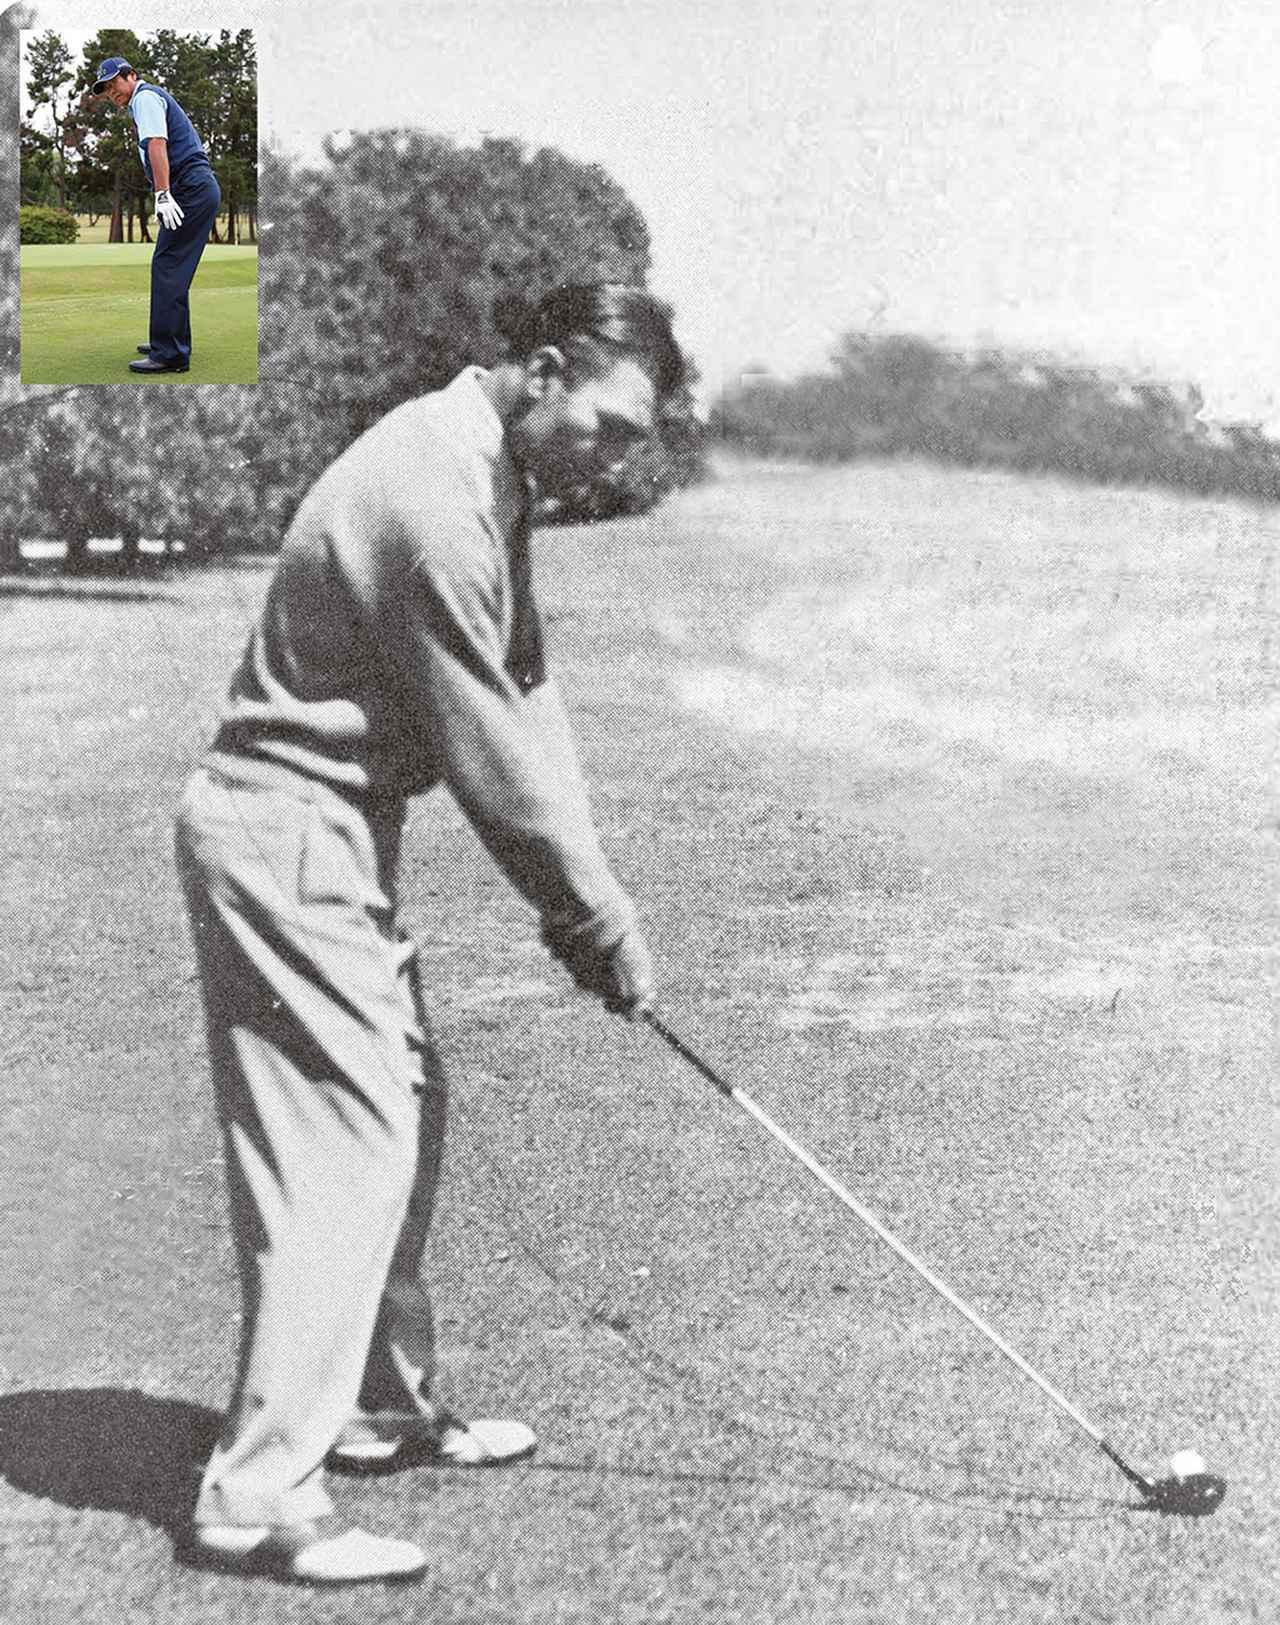 画像: ユハラが信奉するベン・ホーガンのアドレス。「右足を引いてクローズに構えていますが、型と腰はターゲット方向を向いています」